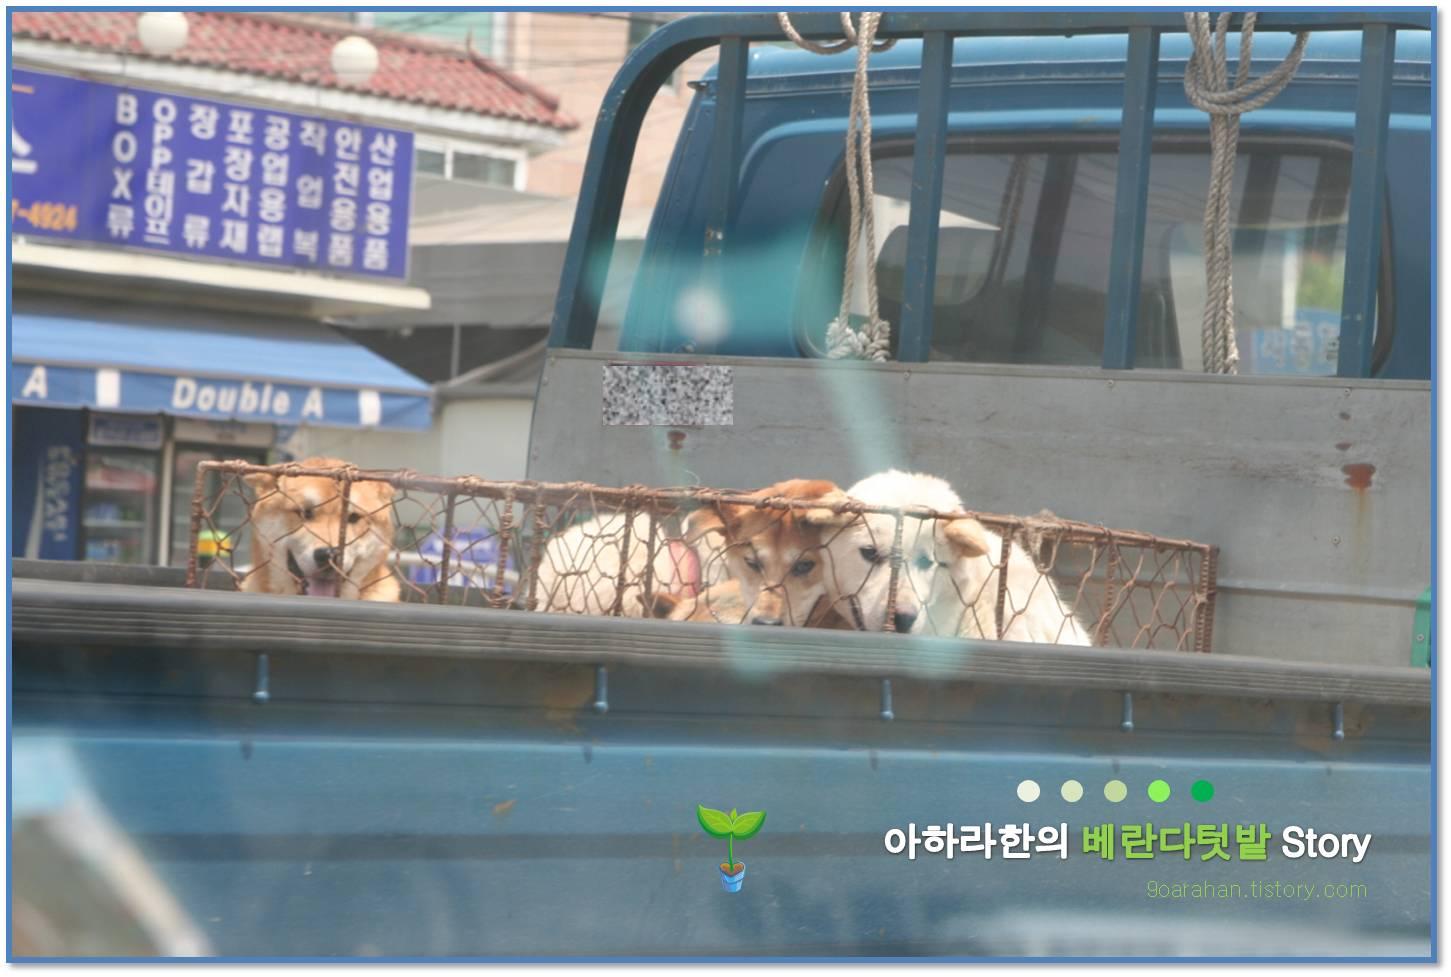 [개고기 논란] 개고기 문화, 개고기 반대?, 개고기 찬성?